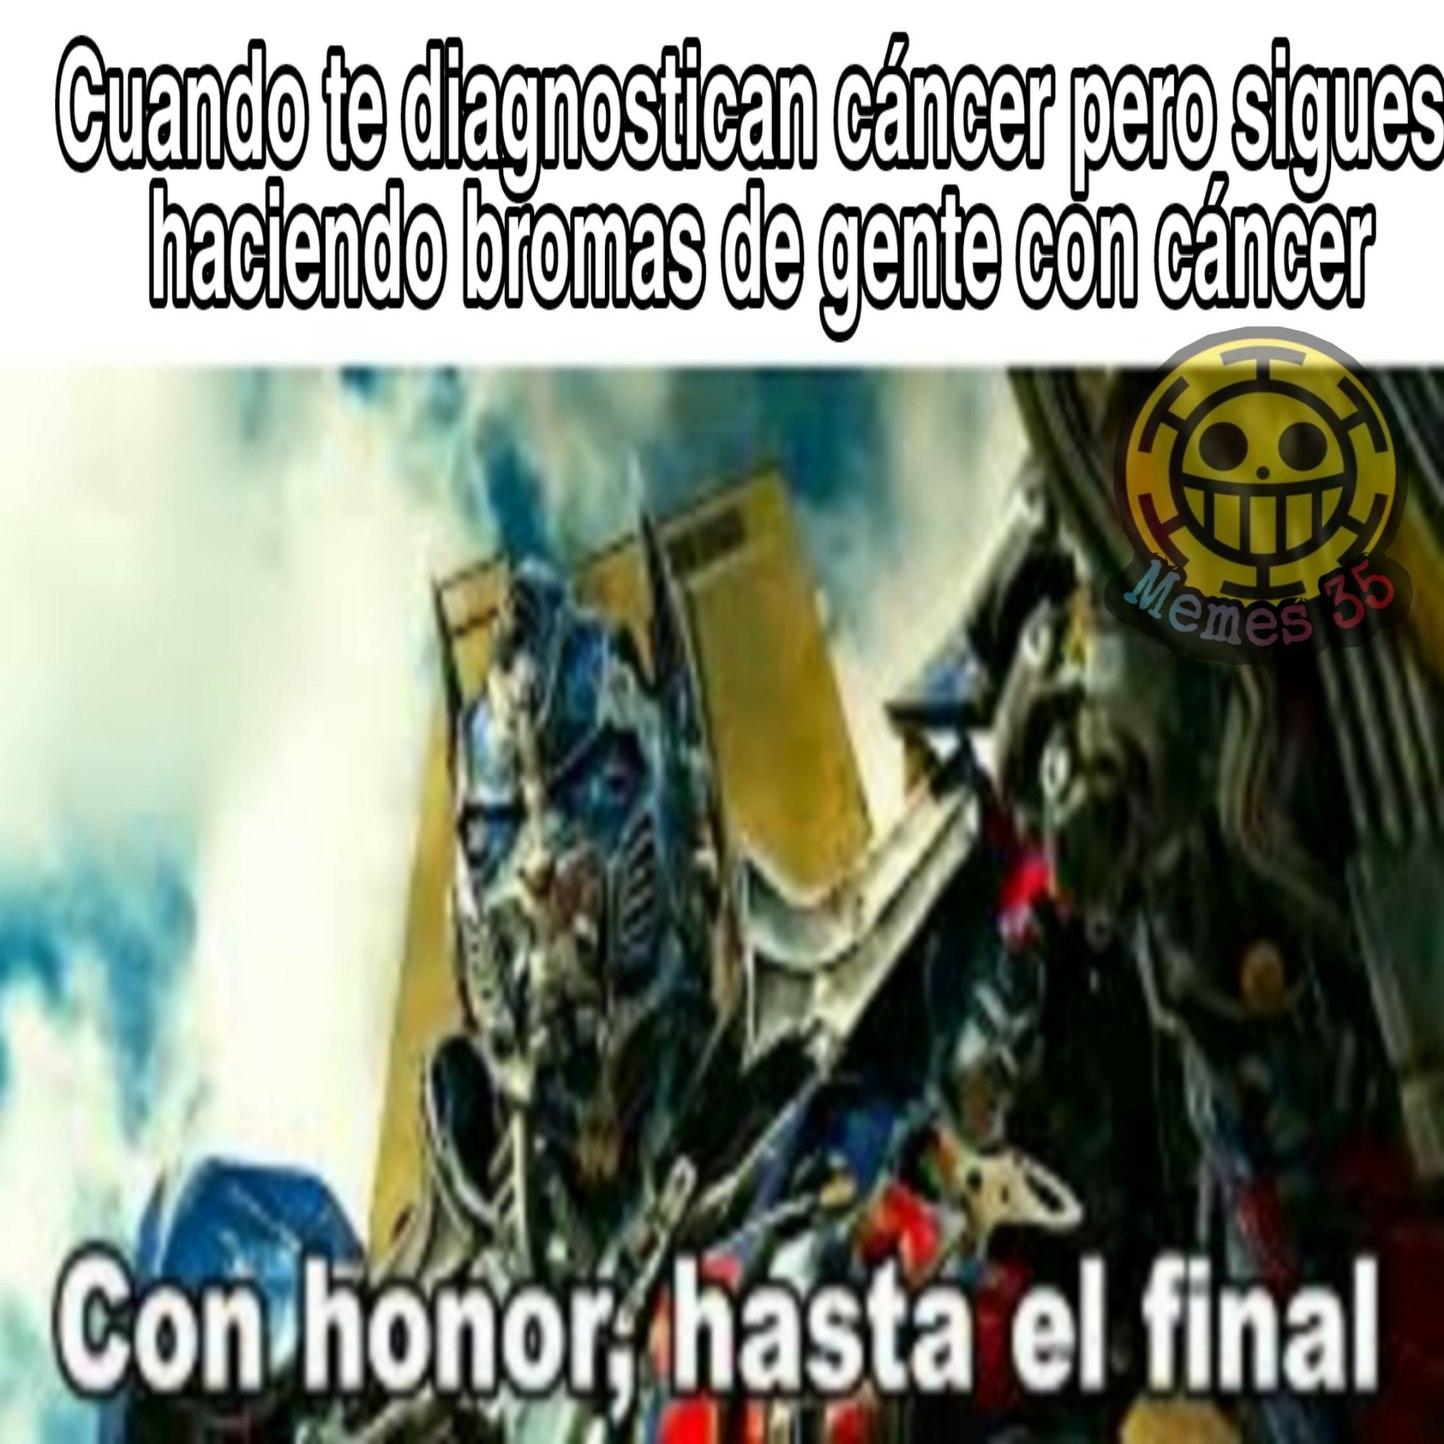 Aceptenlo porque tiene cáncer terminal - meme